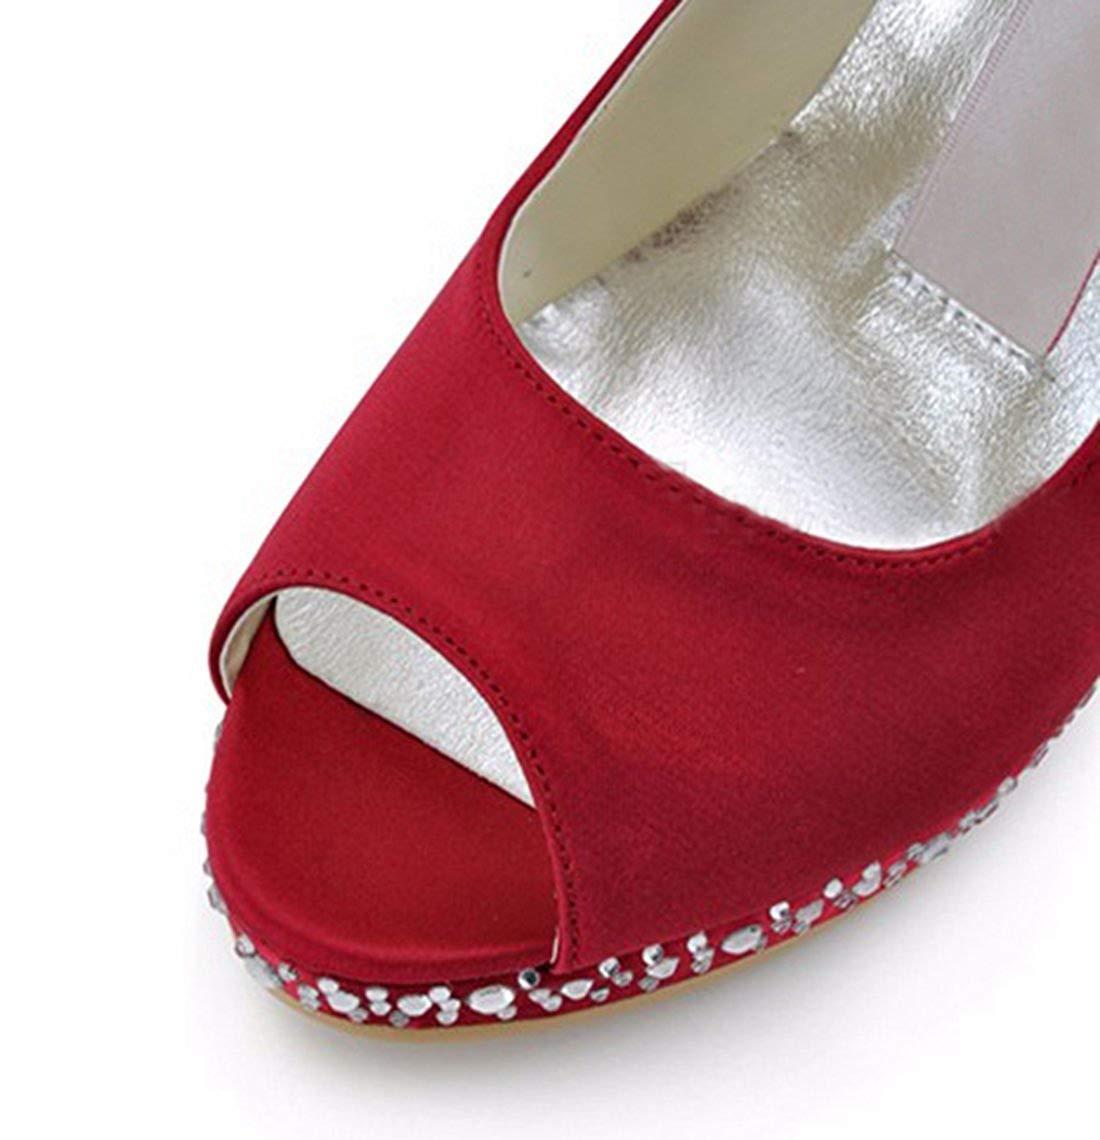 ZHRUI Damen Peep Toe Kristalle Stiletto High Heel Heel Heel rot Satin Braut Hochzeit Sandalen UK 6.5 (Farbe   -, Größe   -) 688897